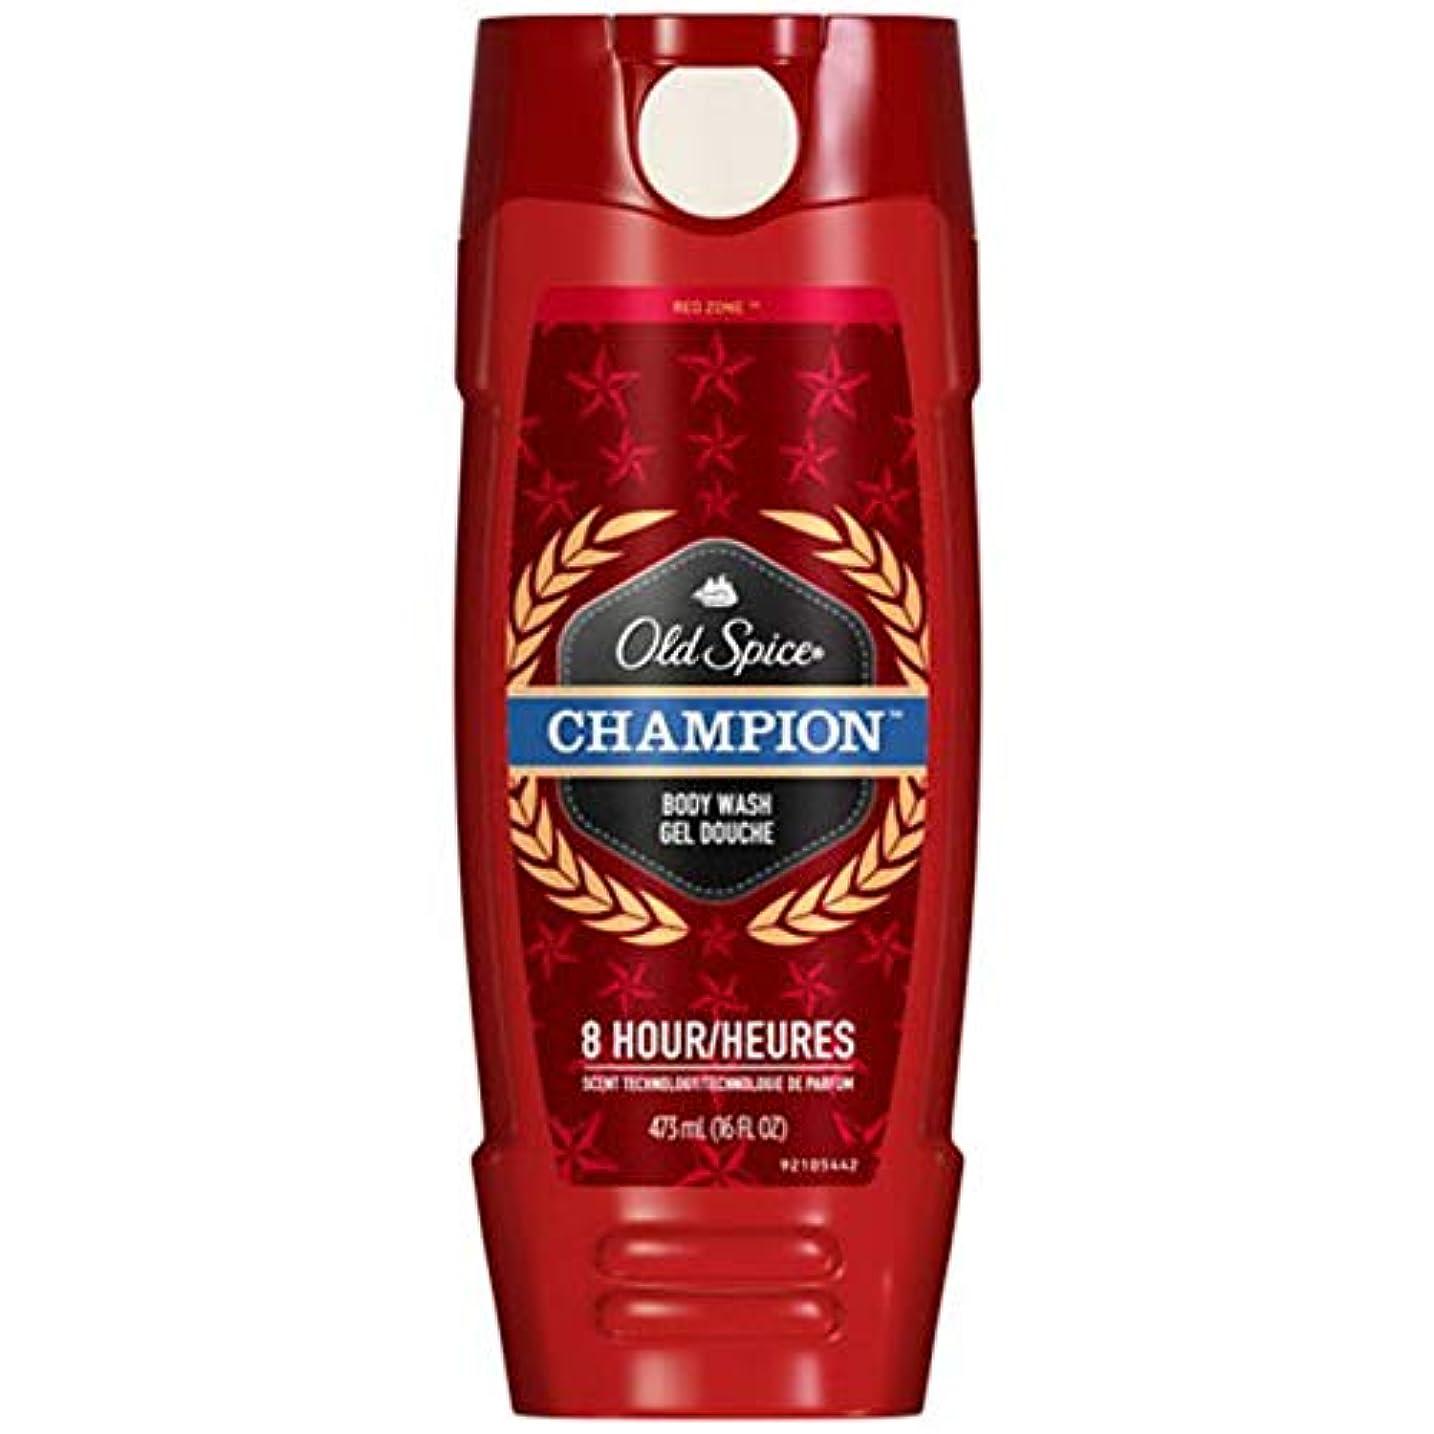 無許可インペリアル合わせてOld Spice オールドスパイス ボディーウォッシュジェル Red Zone Body Wash GEL 473ml 並行輸入品 (CHAMPION/チャンピオン) [並行輸入品]